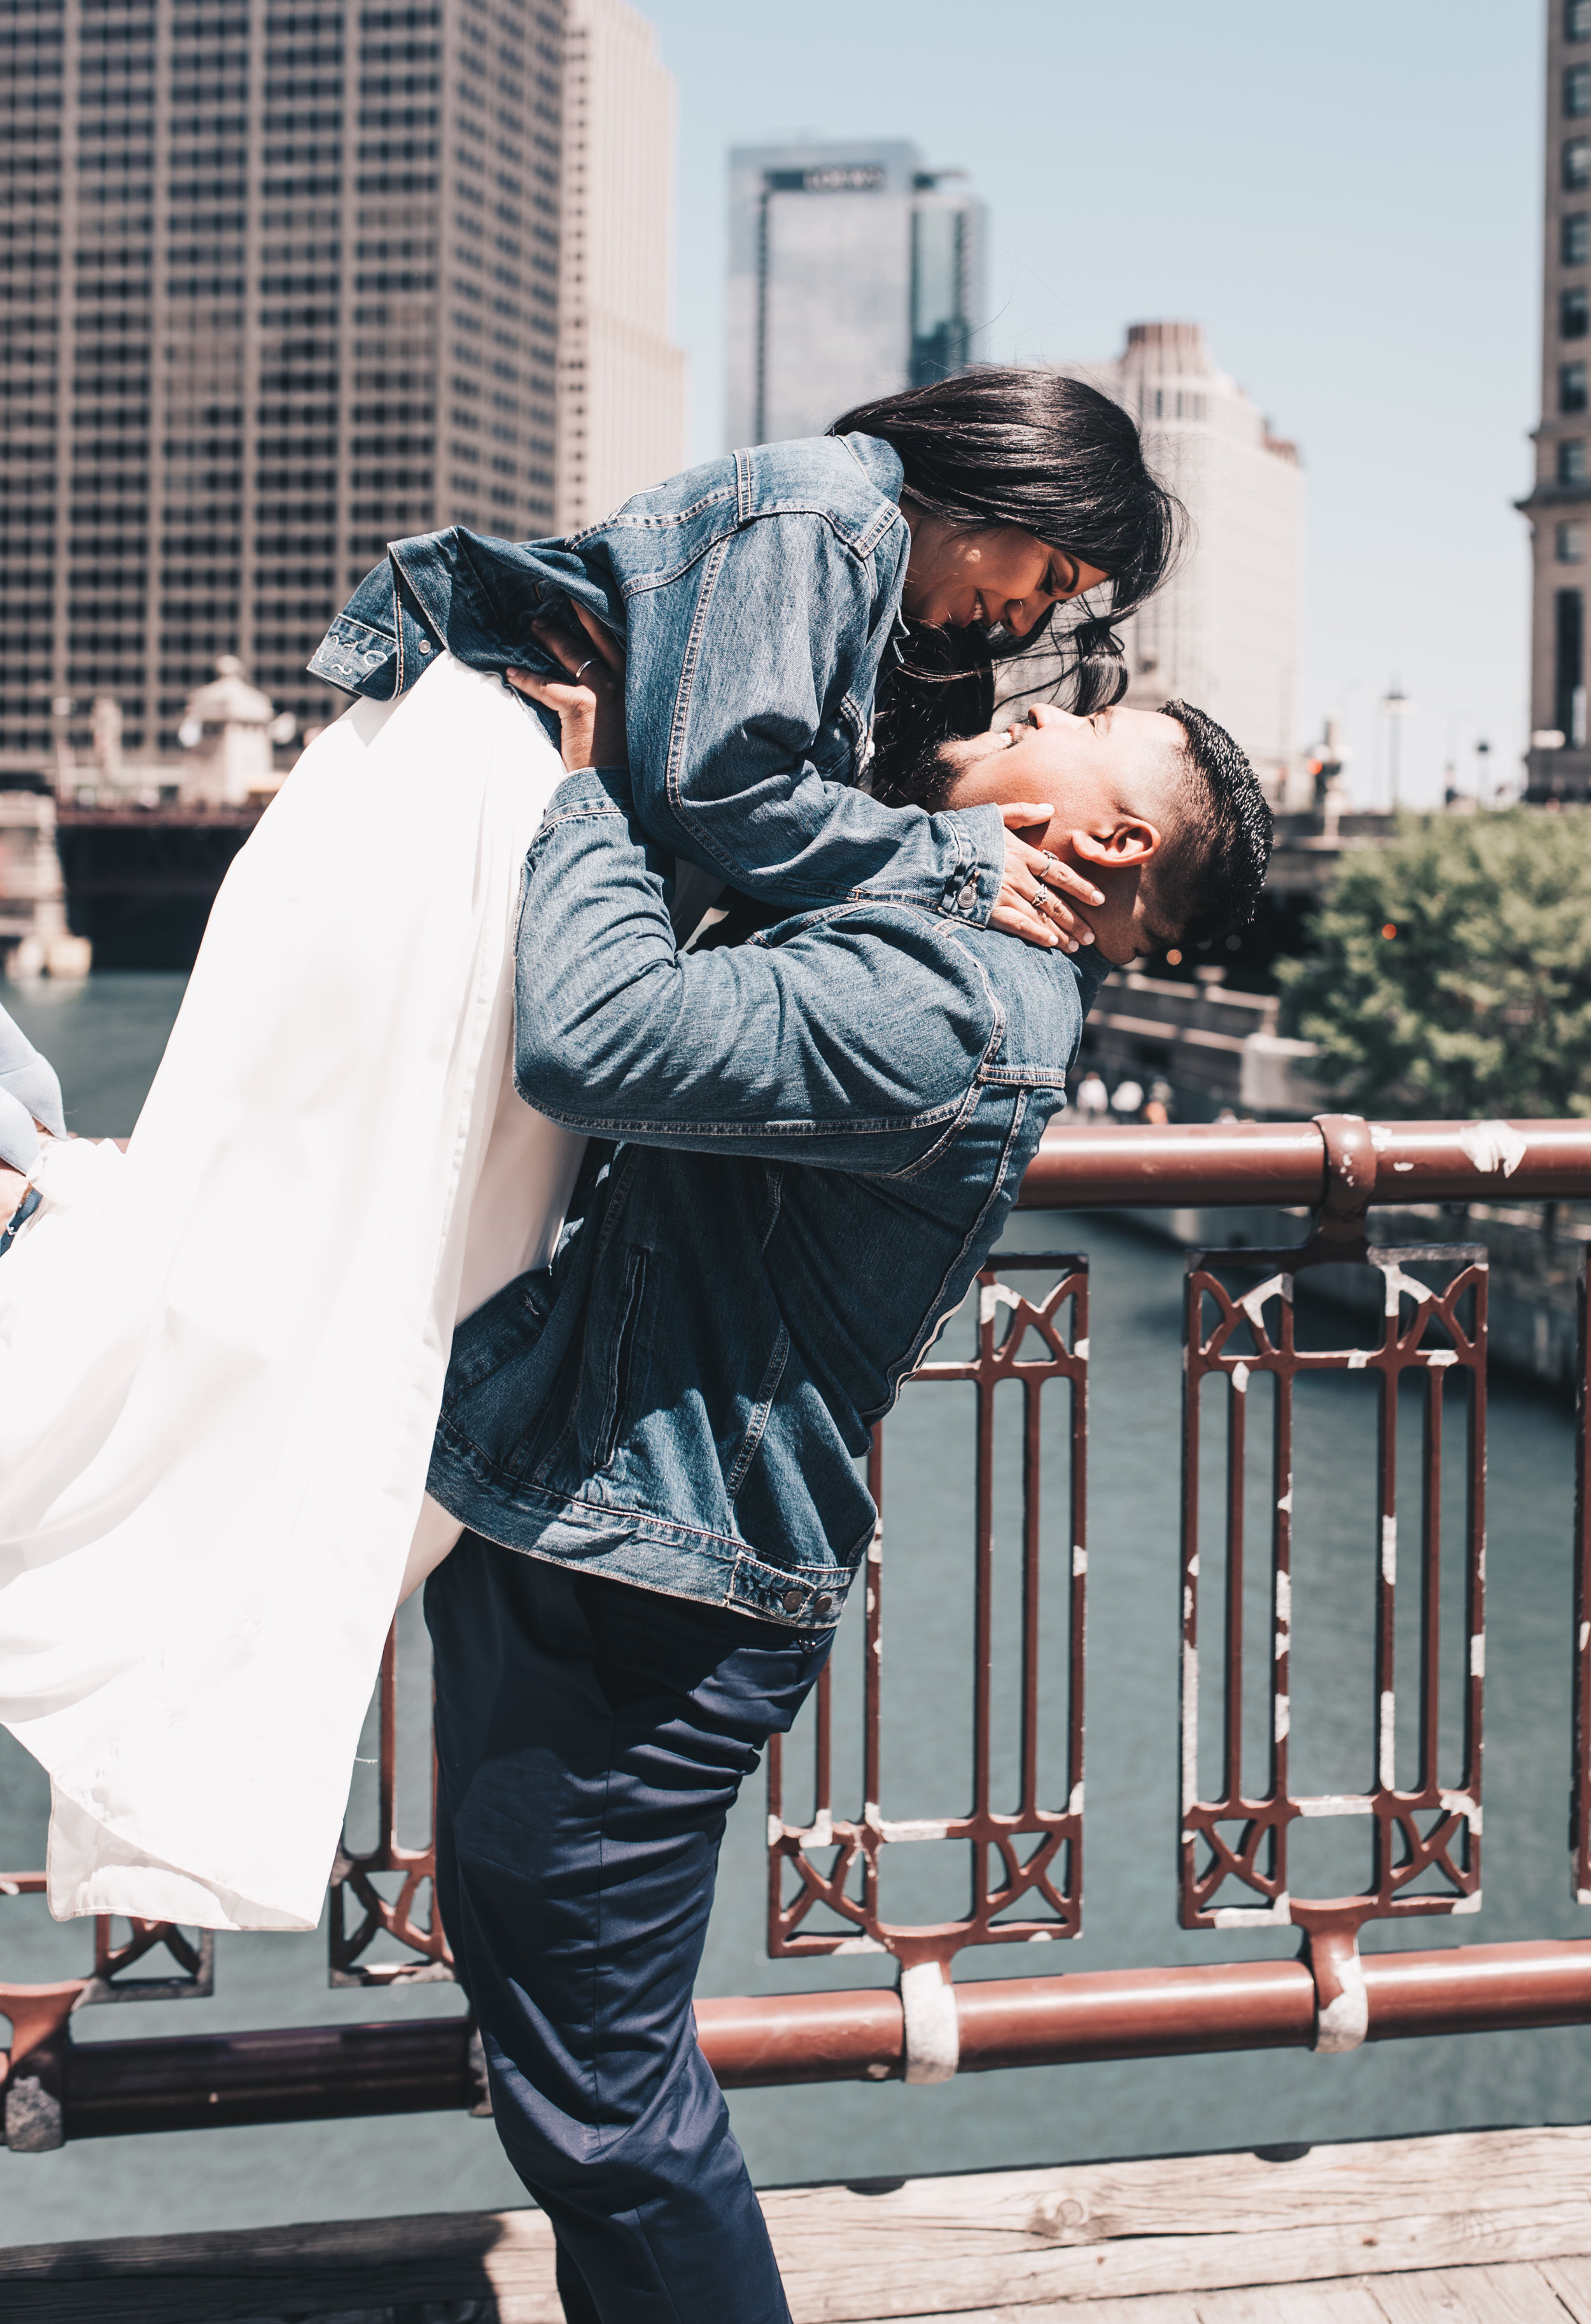 Chicago Elopement, Millennium Park Ceremony, Chicago Bridge Photos, Destination Elopement, Bride and Groom Photos, Adventurous Elopement, Chicago Elopement Photographer